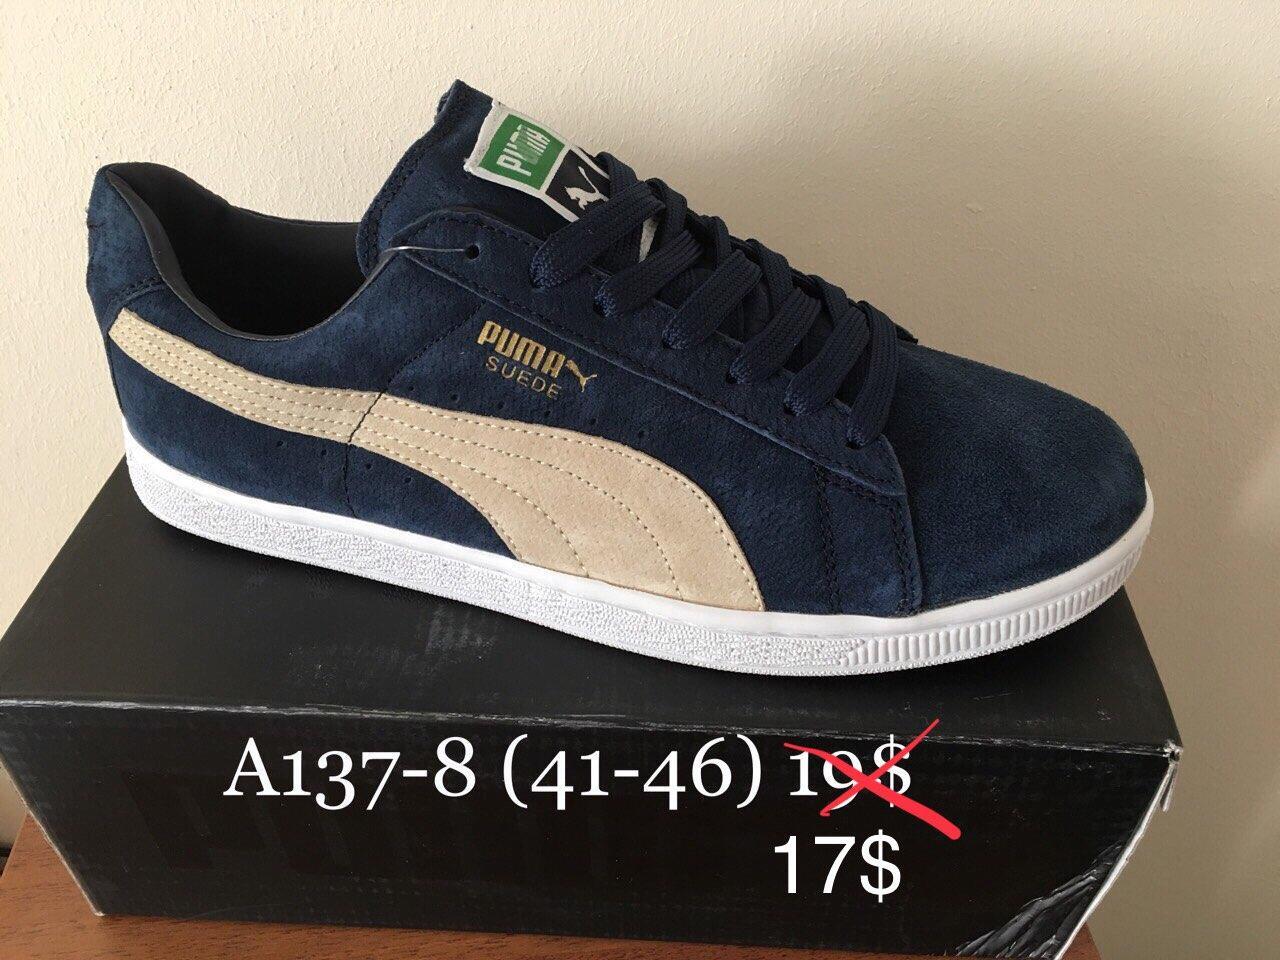 Мужские кроссовки Puma Suede оптом (41-46)